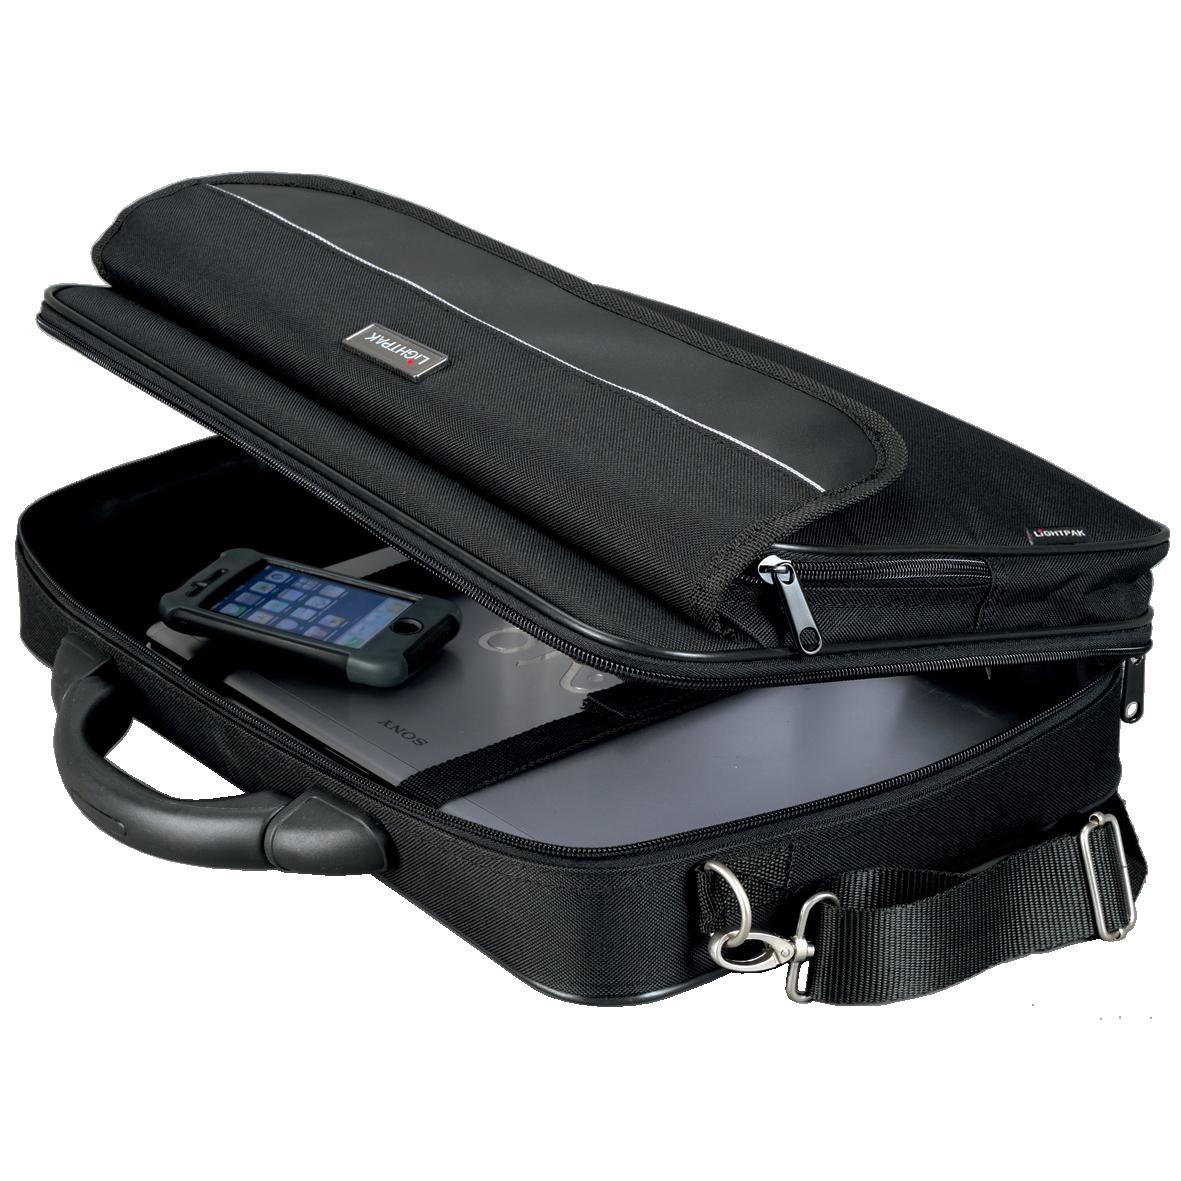 Image for Lightpak Elite Small Laptop Case Nylon Capacity 15.4in Black Ref 46110